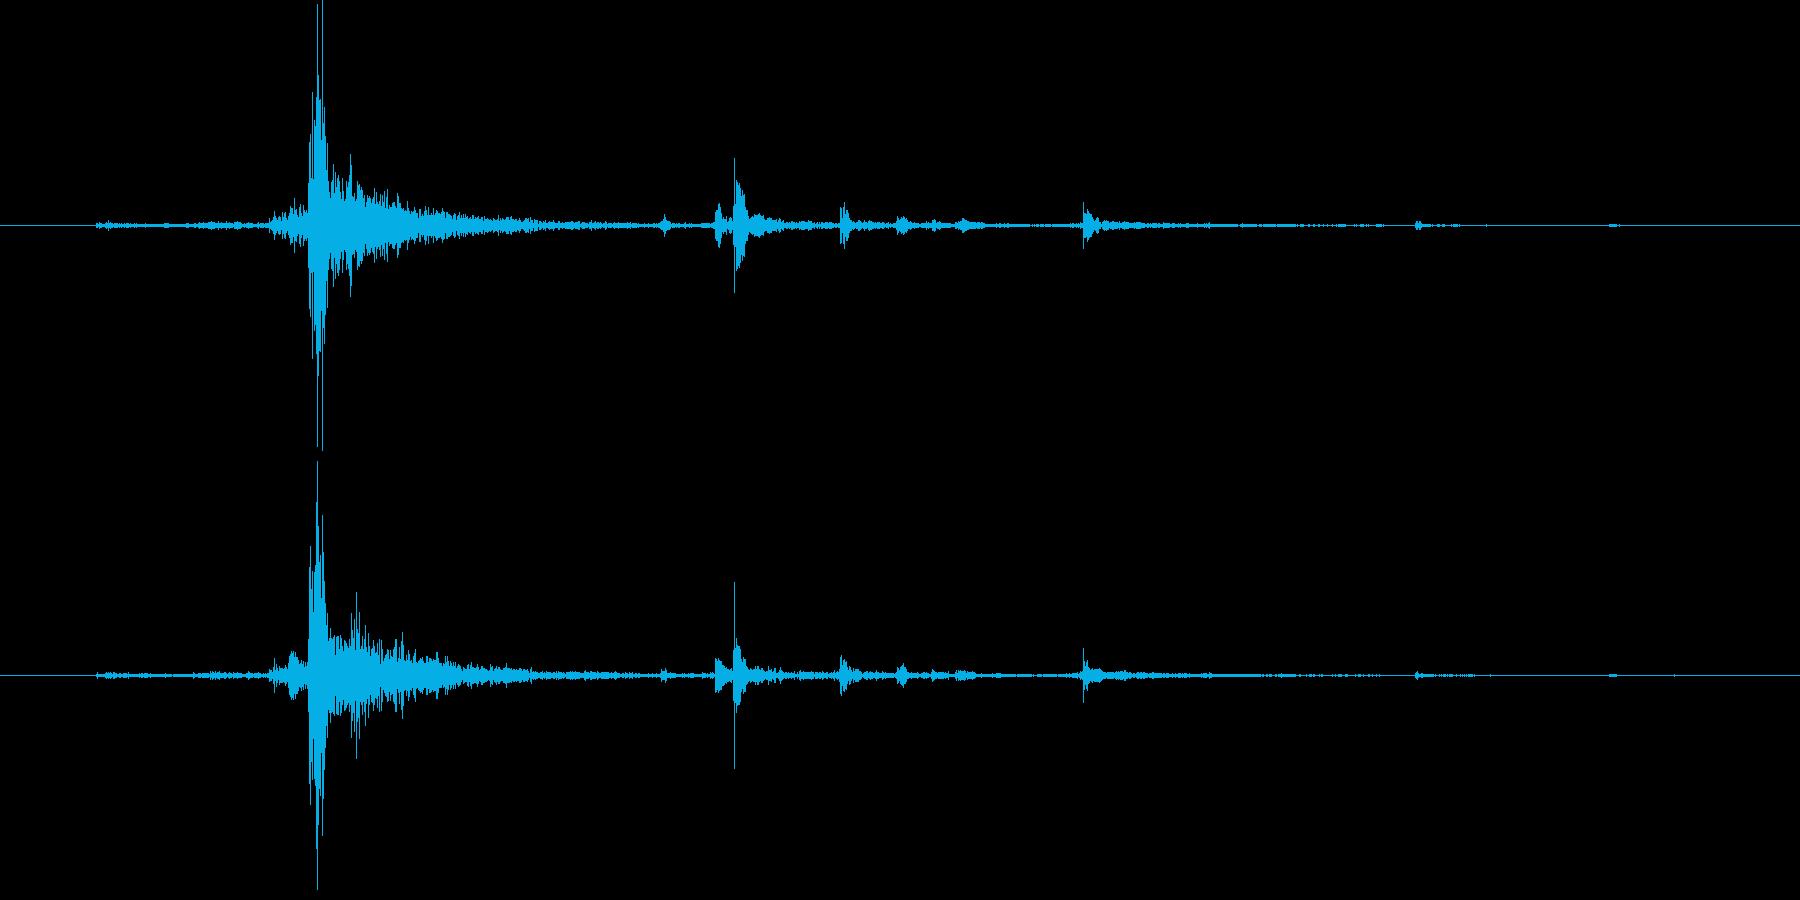 水面に何かを投げて落とした音チャポン4の再生済みの波形